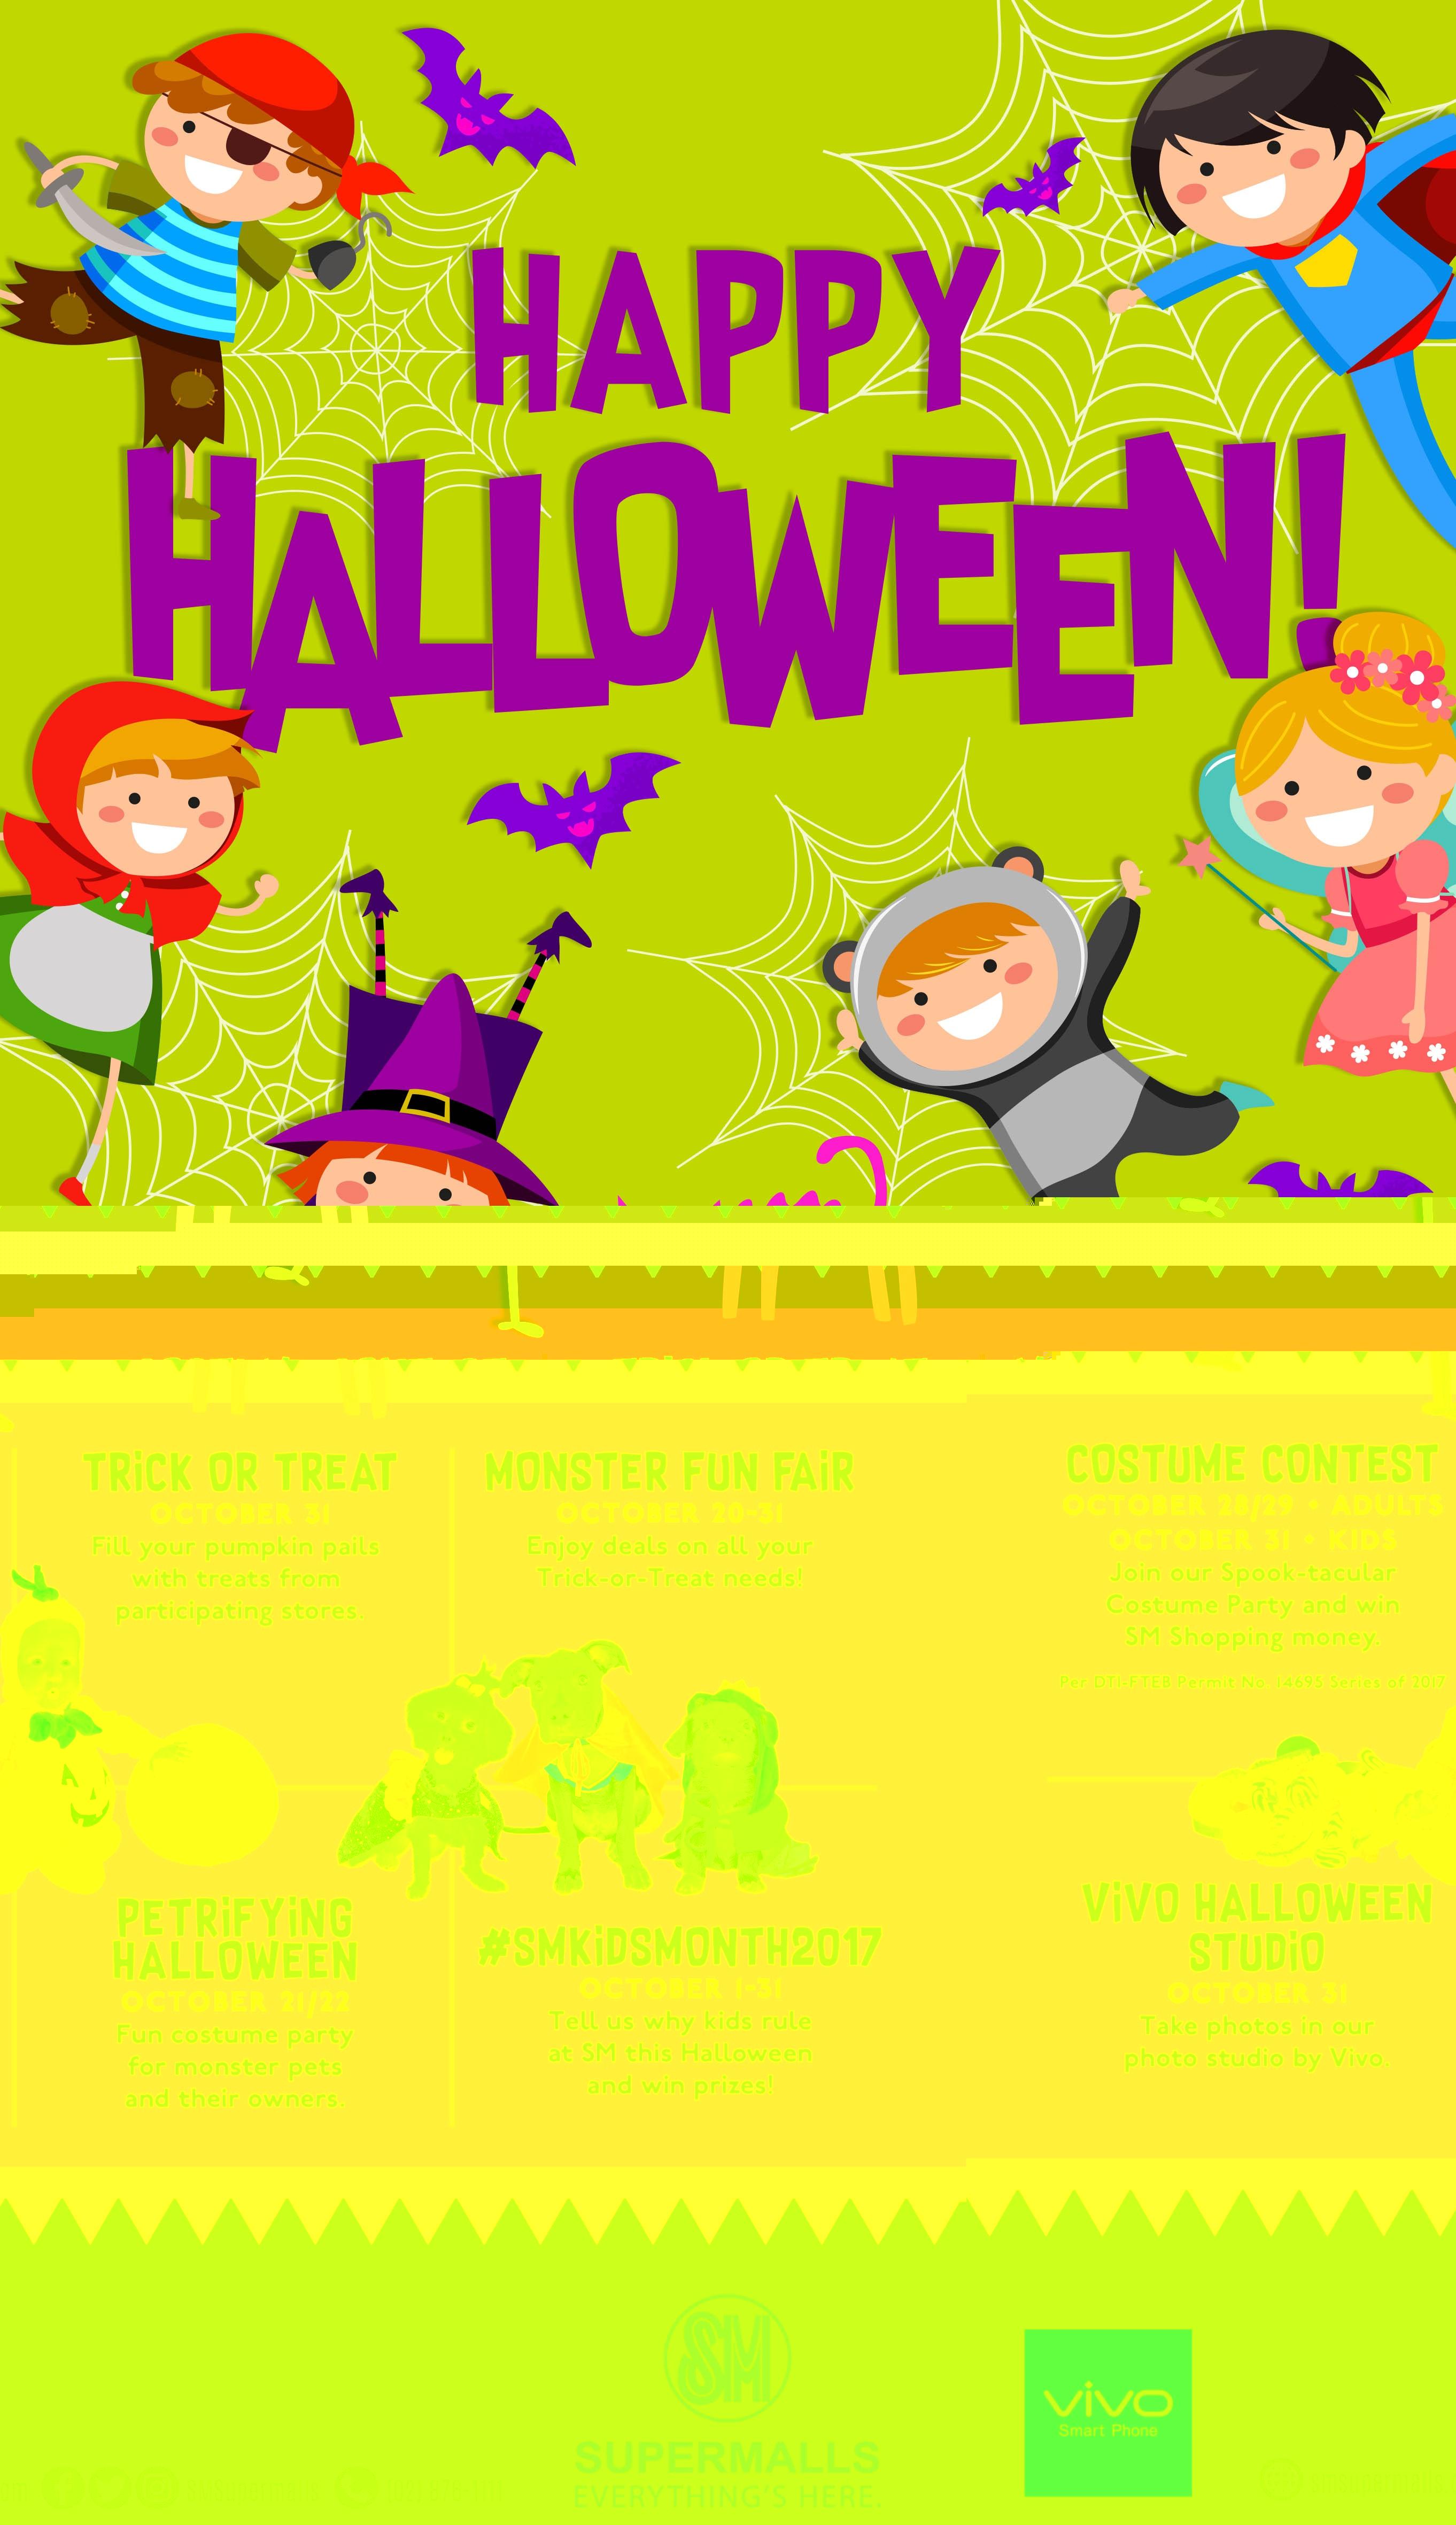 Spooktacular Halloween at SM